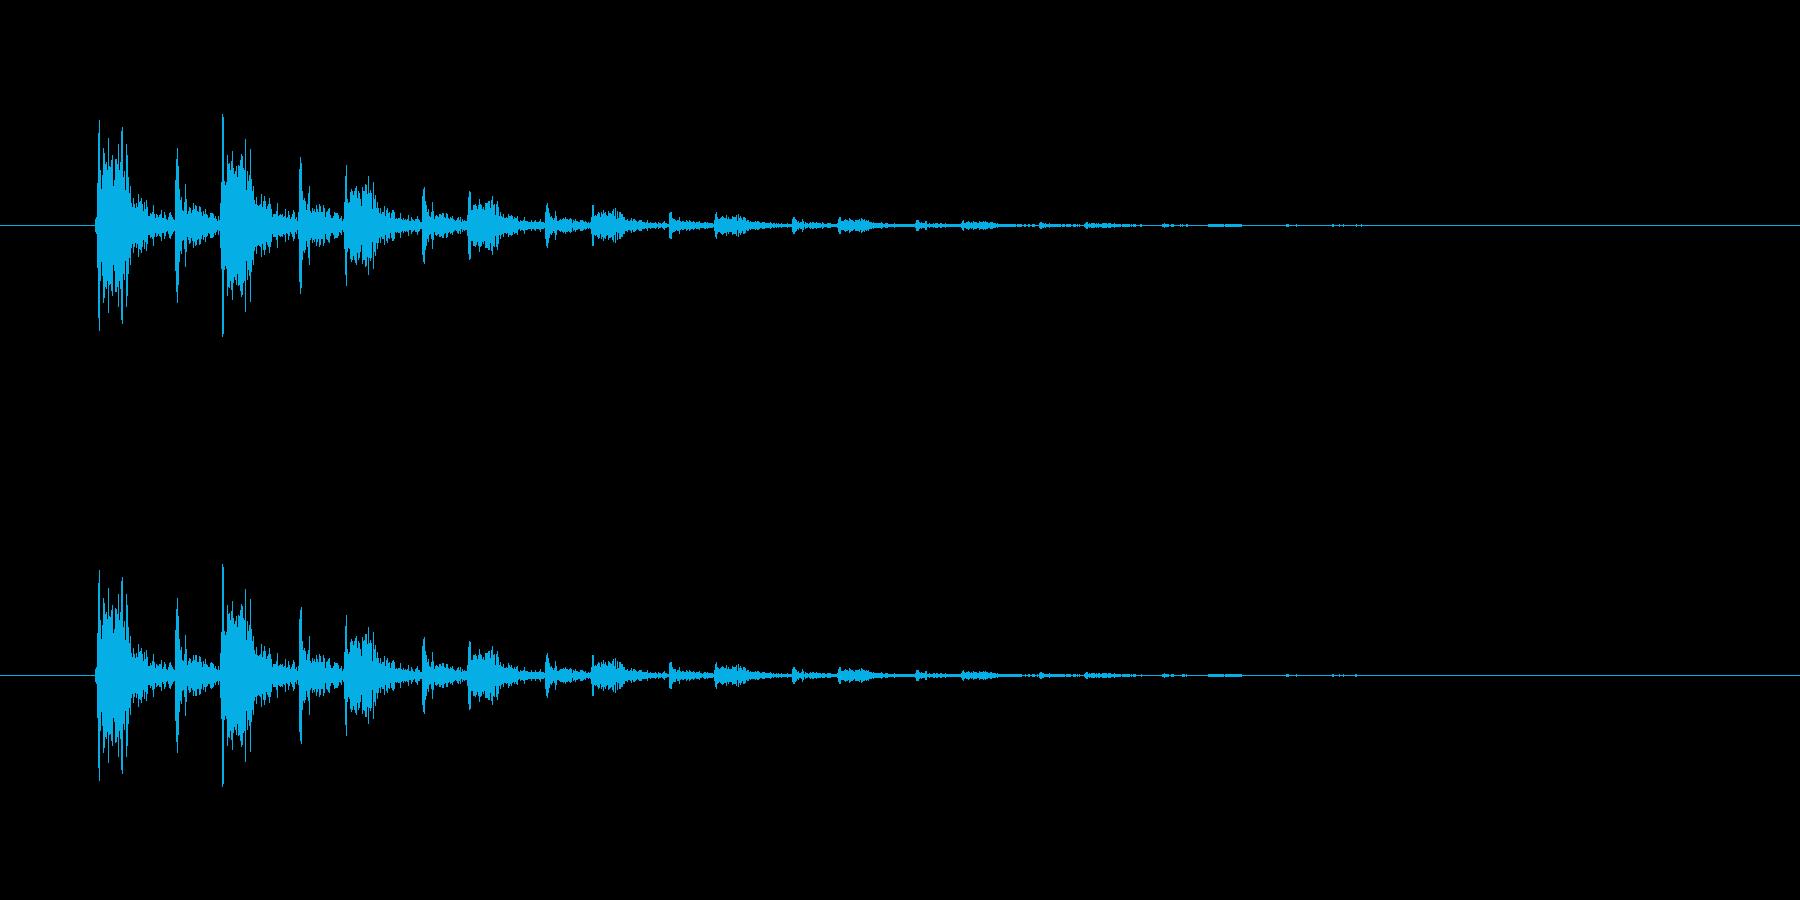 【掴む02-3】の再生済みの波形